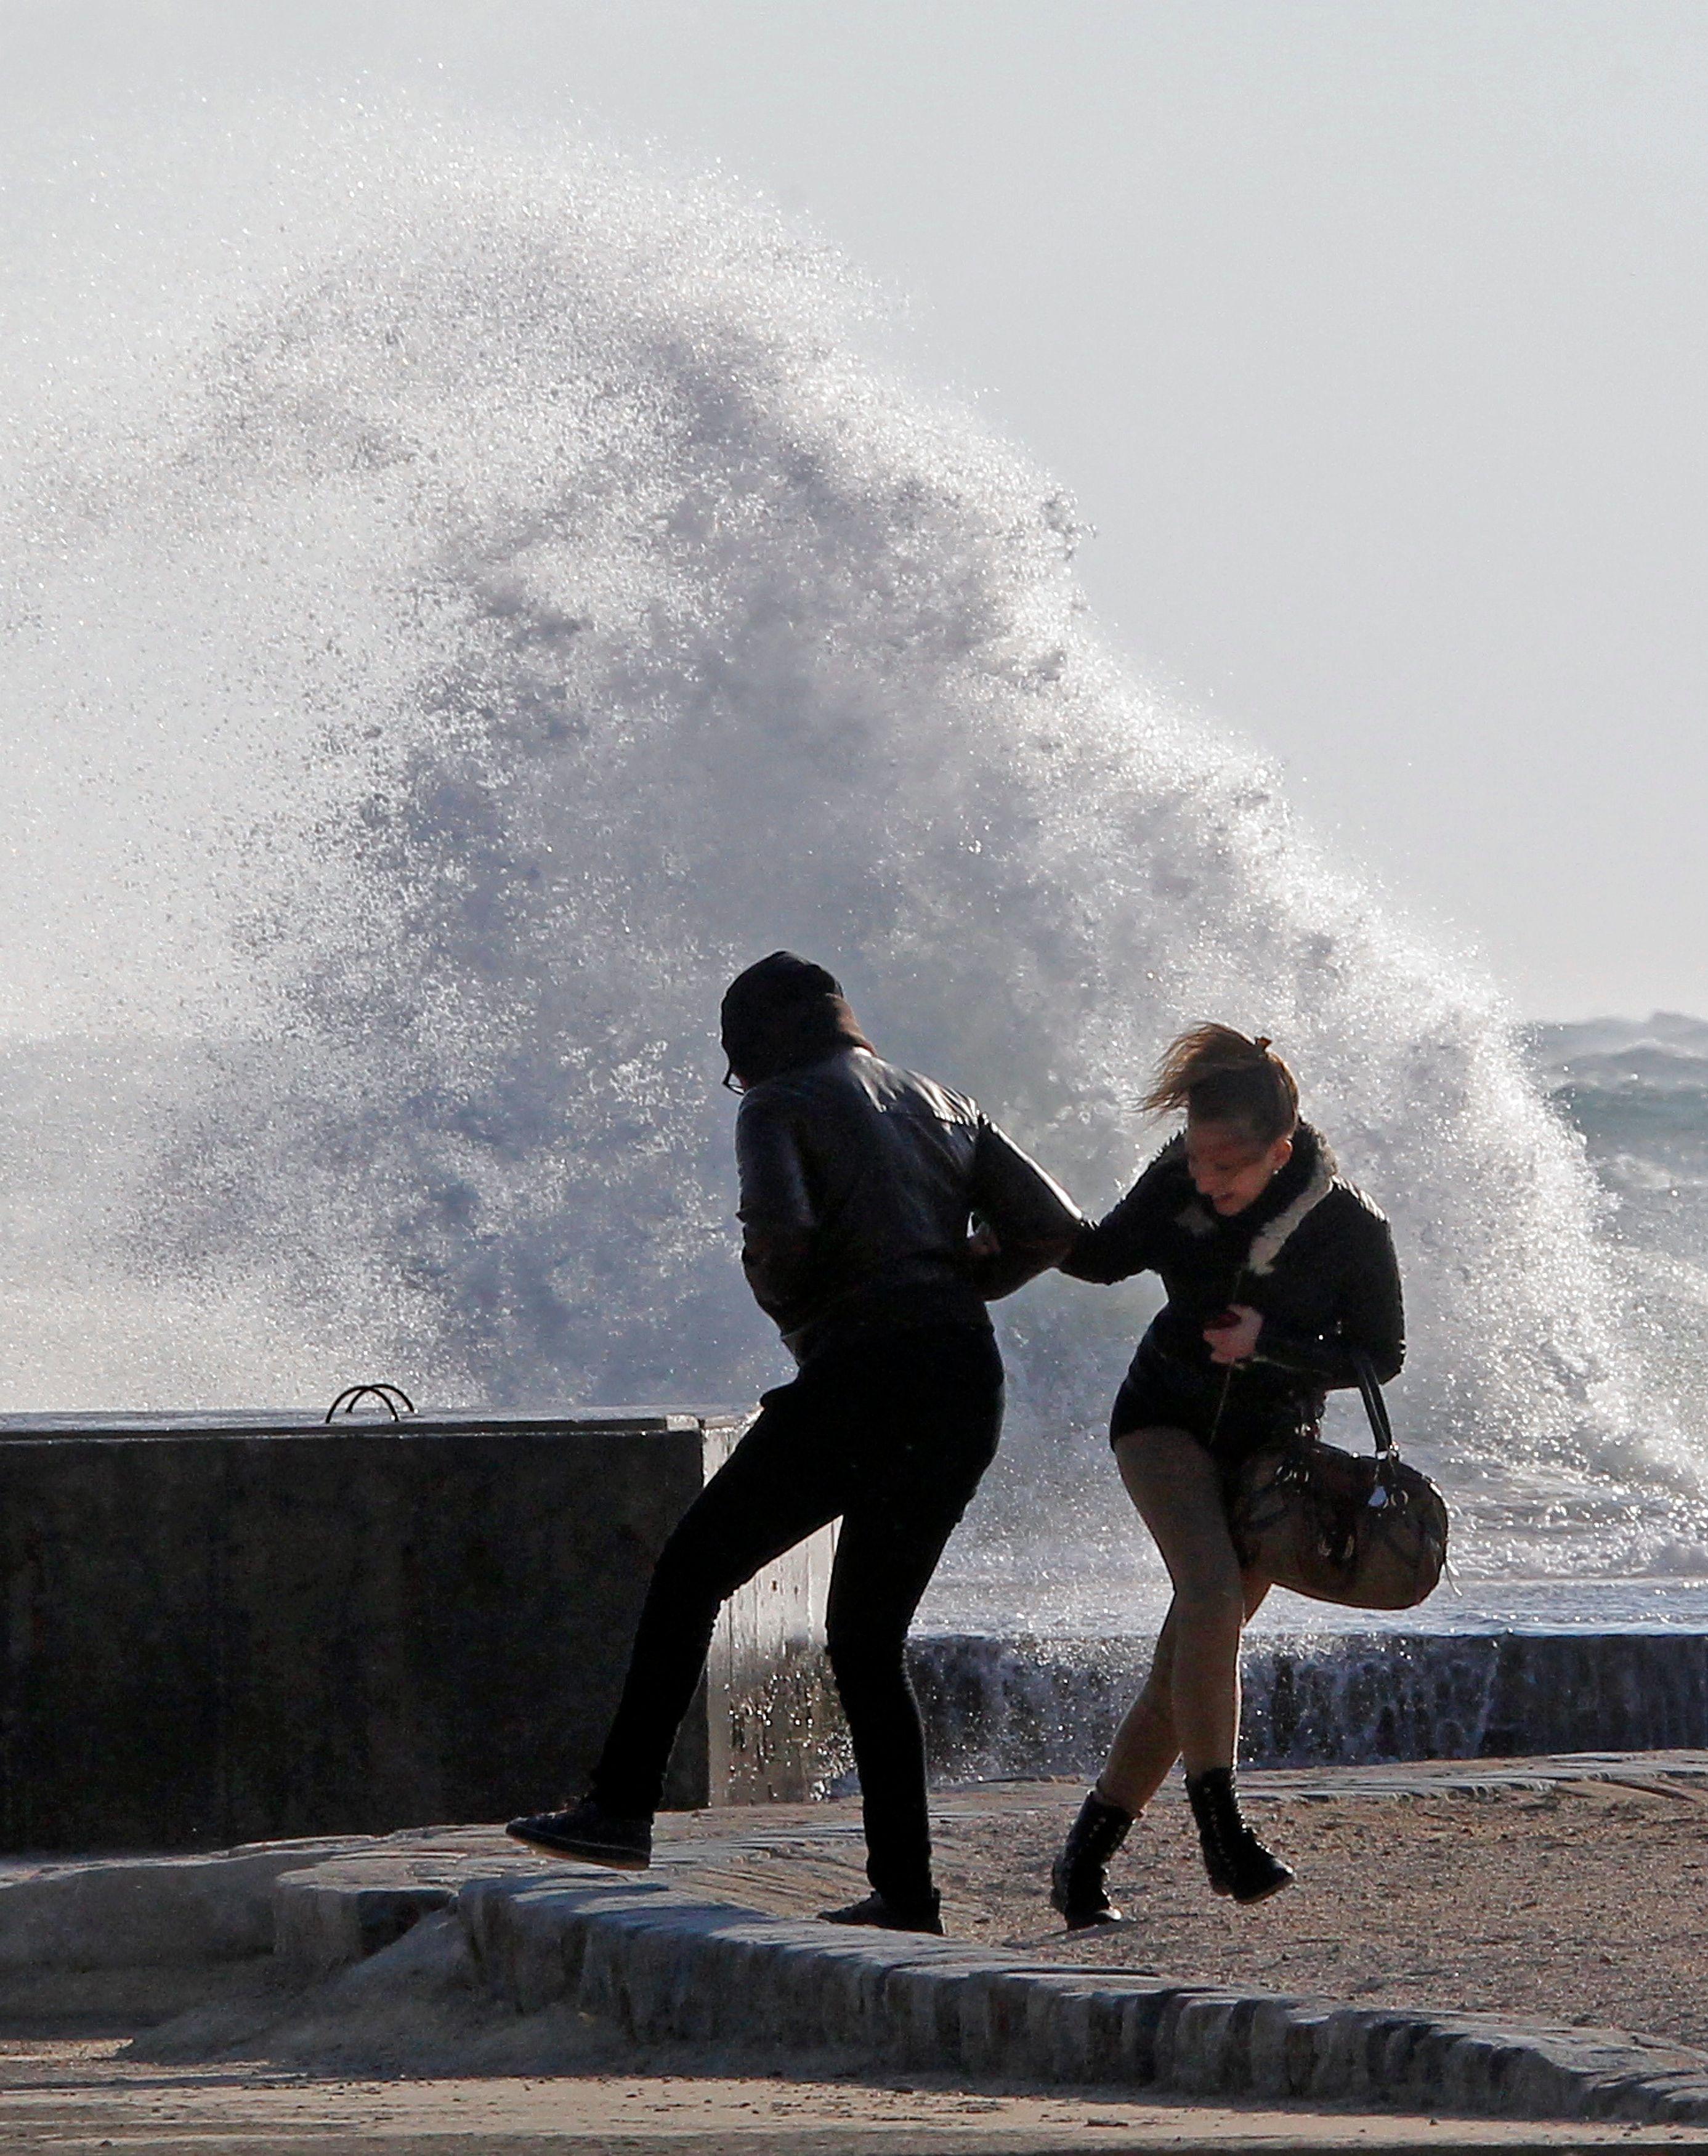 Prudence, selon Météo France des vents supérieurs à 100km/h vont traverser le pays